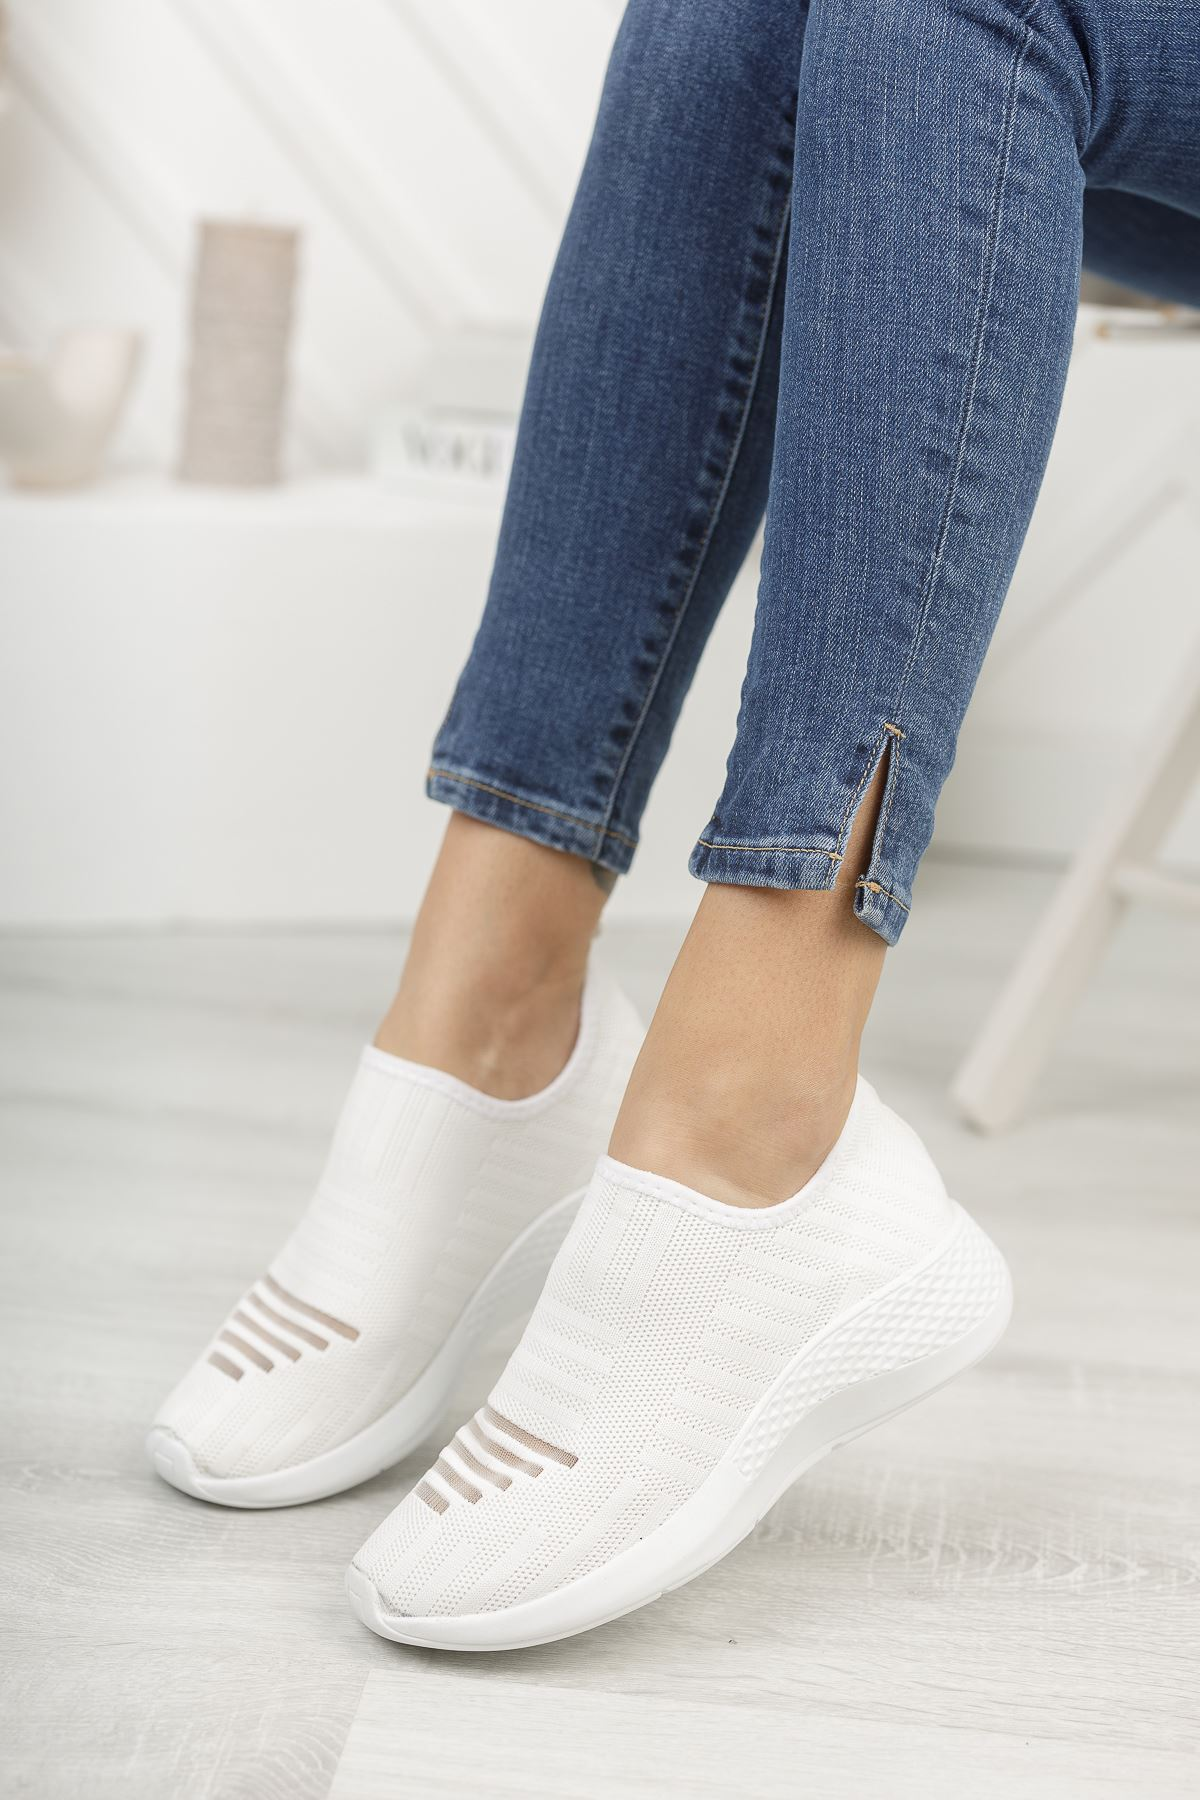 Vesna Beyaz Bağcıksız Triko Kadın Spor Ayakkabı